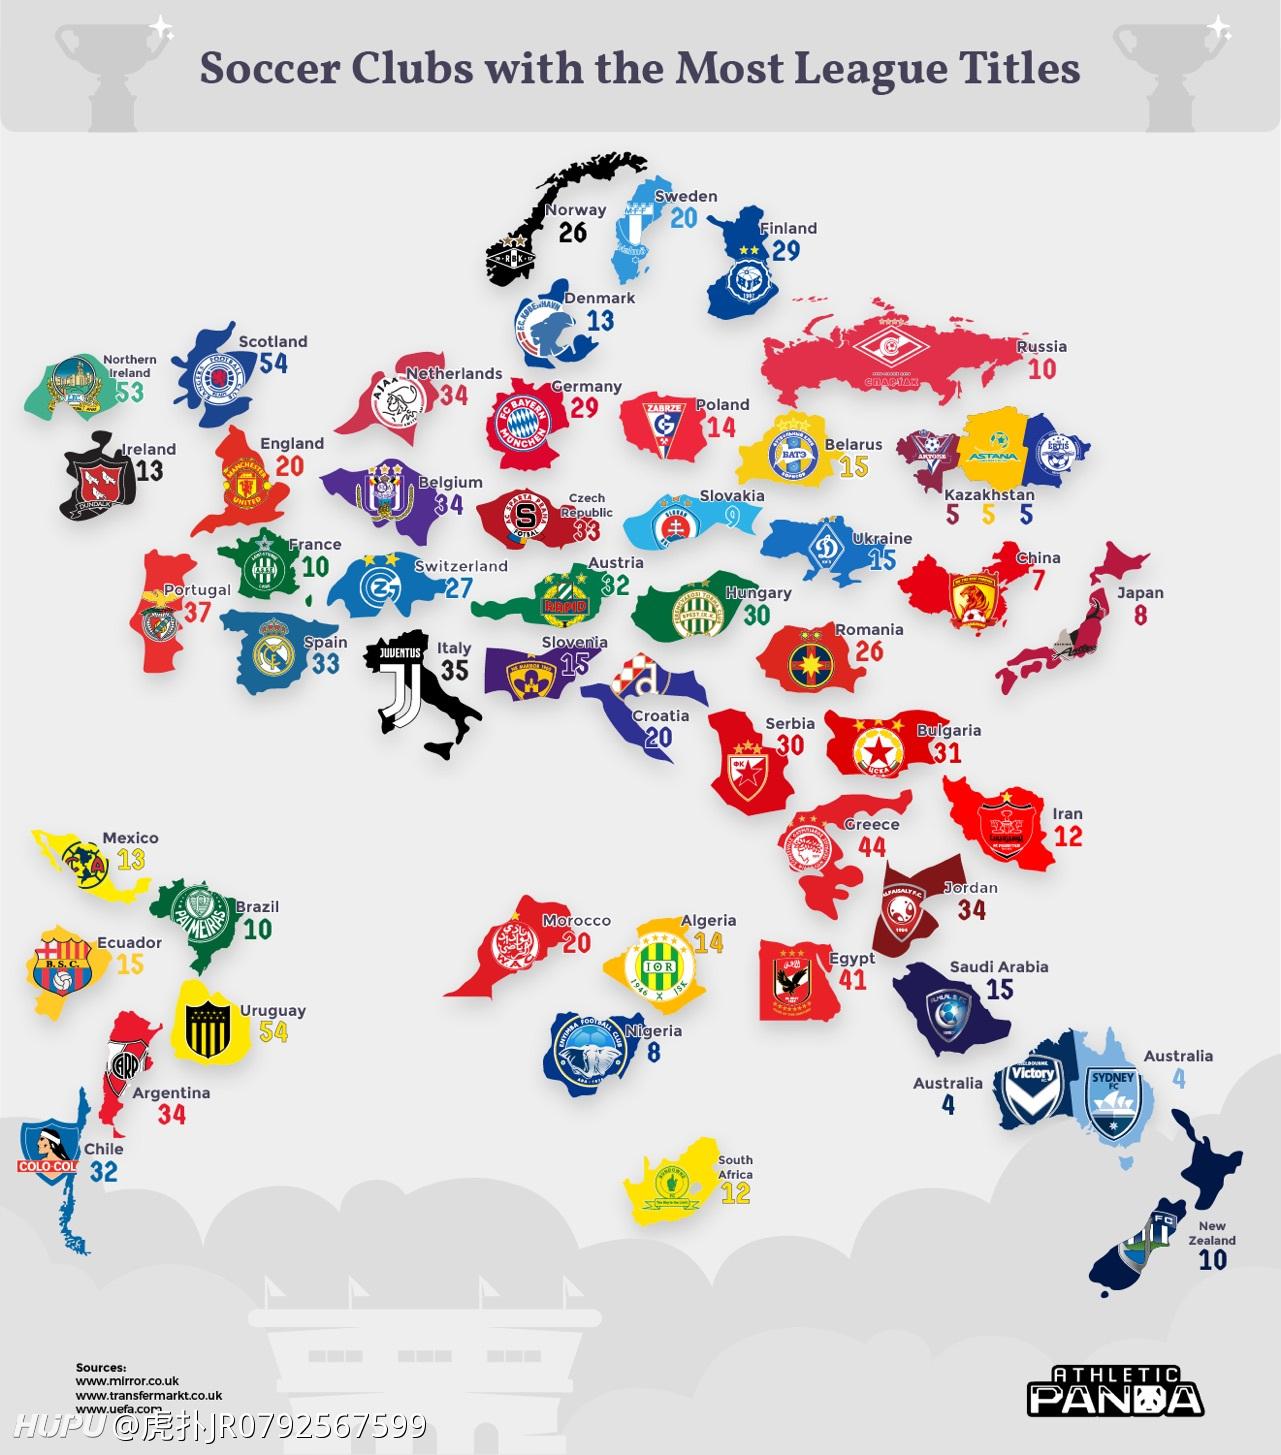 全球主要国家获得联赛冠军次数最多的俱乐部  足球话题区